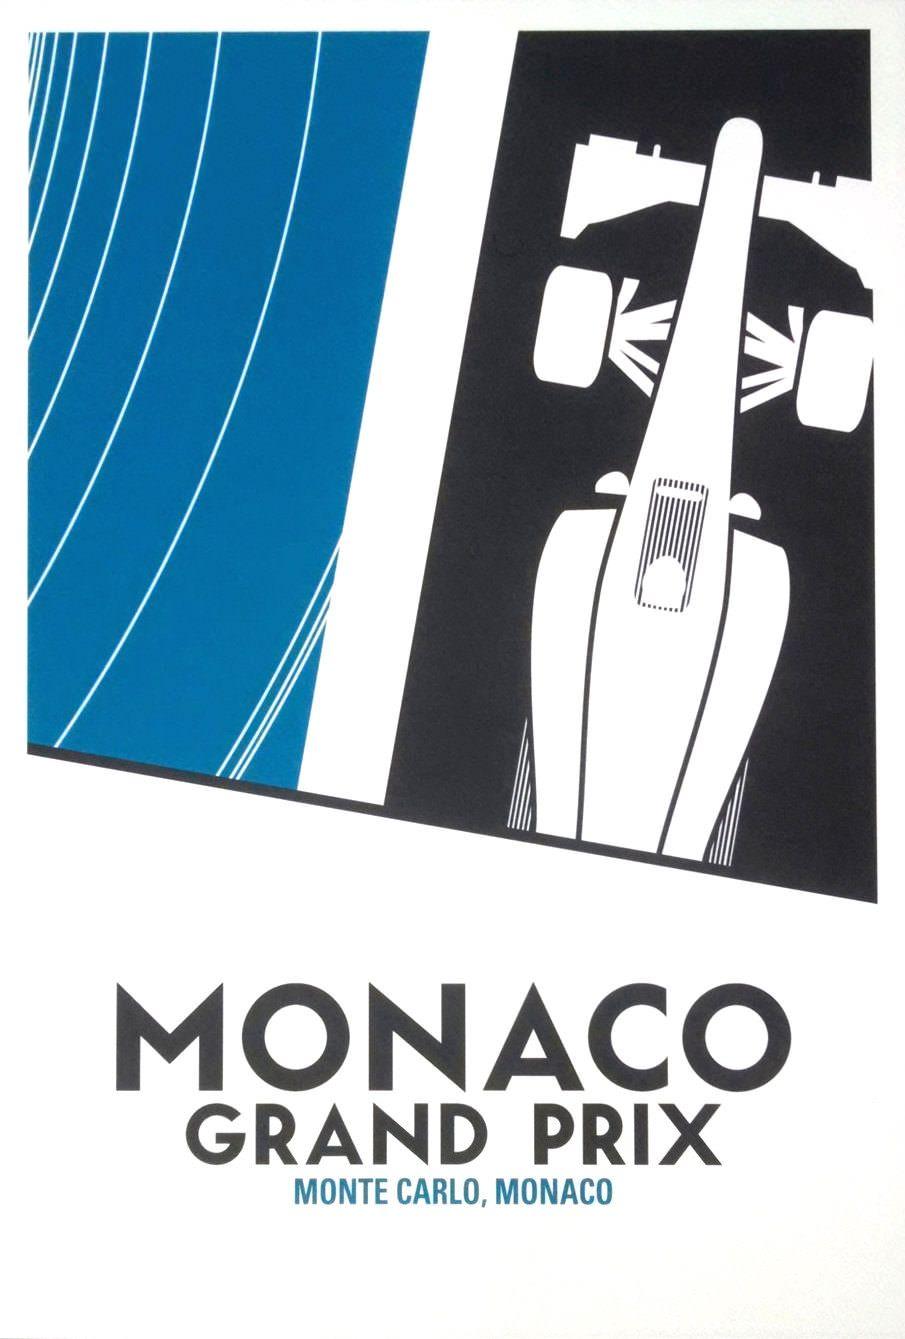 Minimalist Formula Posters Minimalist Grand Prix And - Minimal formula 1 posters jason walley